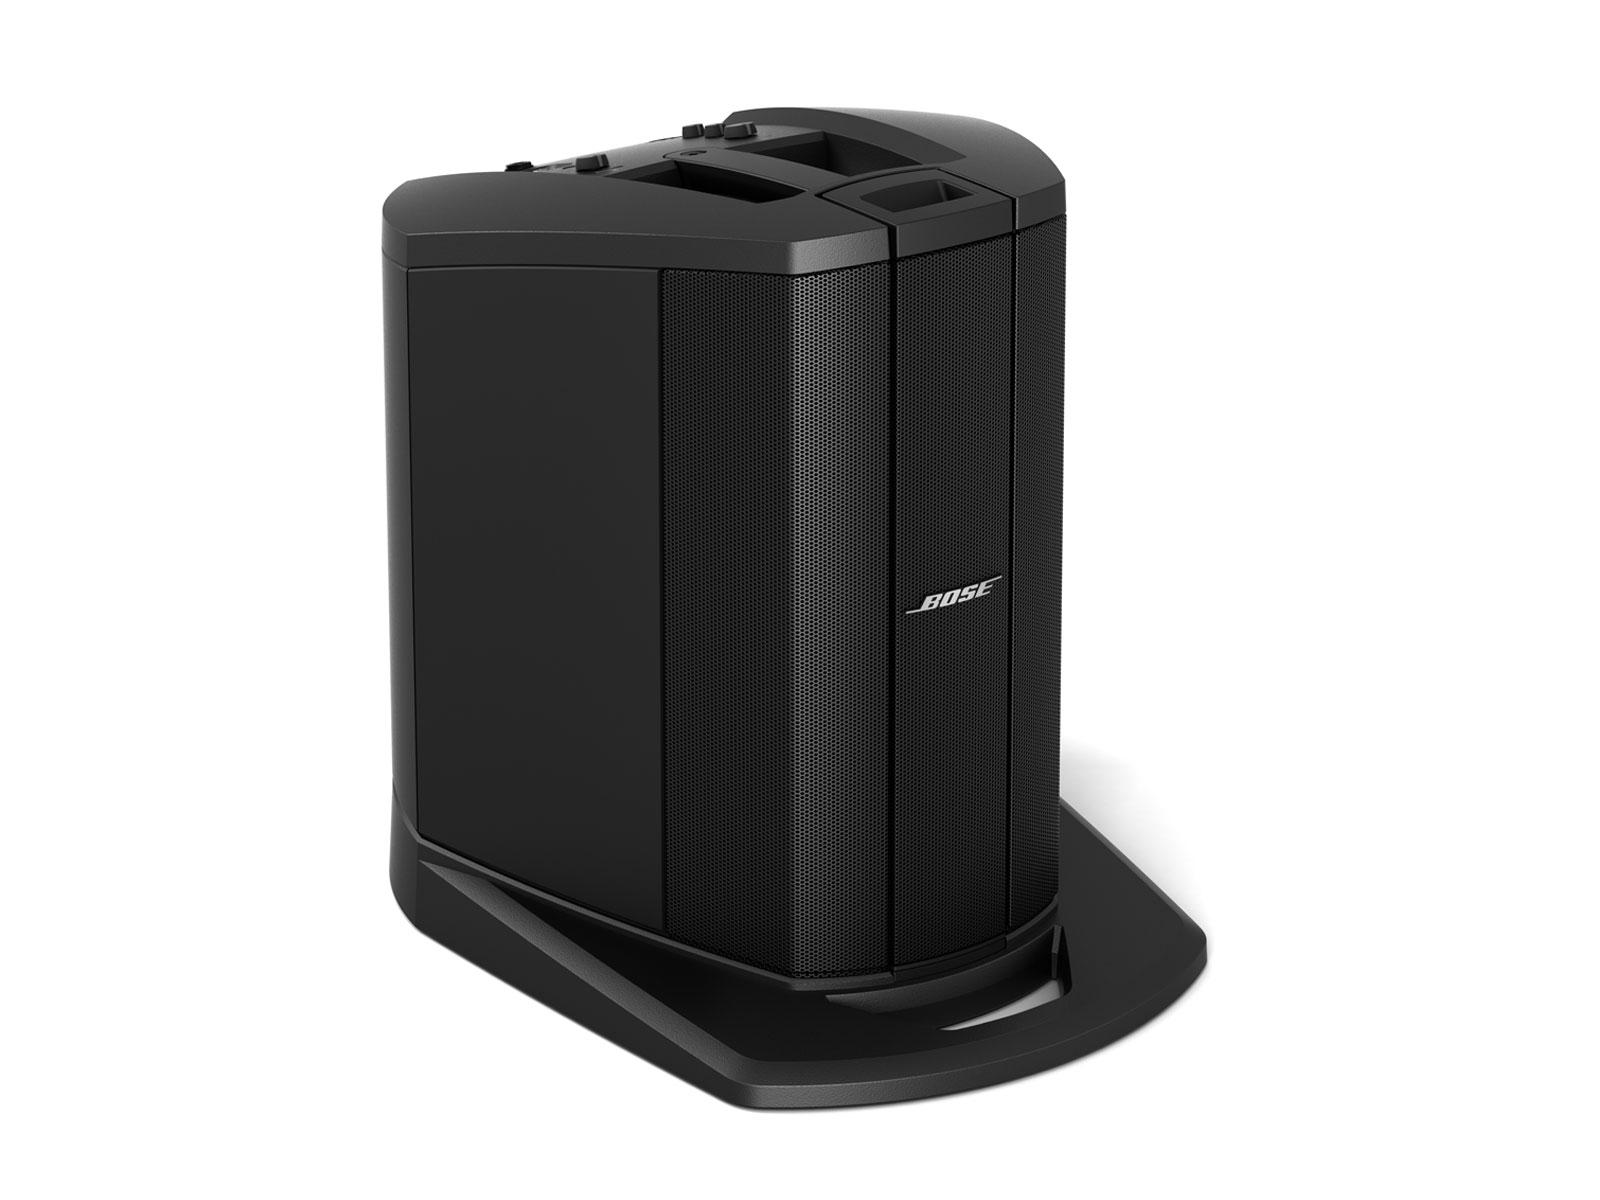 Enceinte Bose L1 Compact